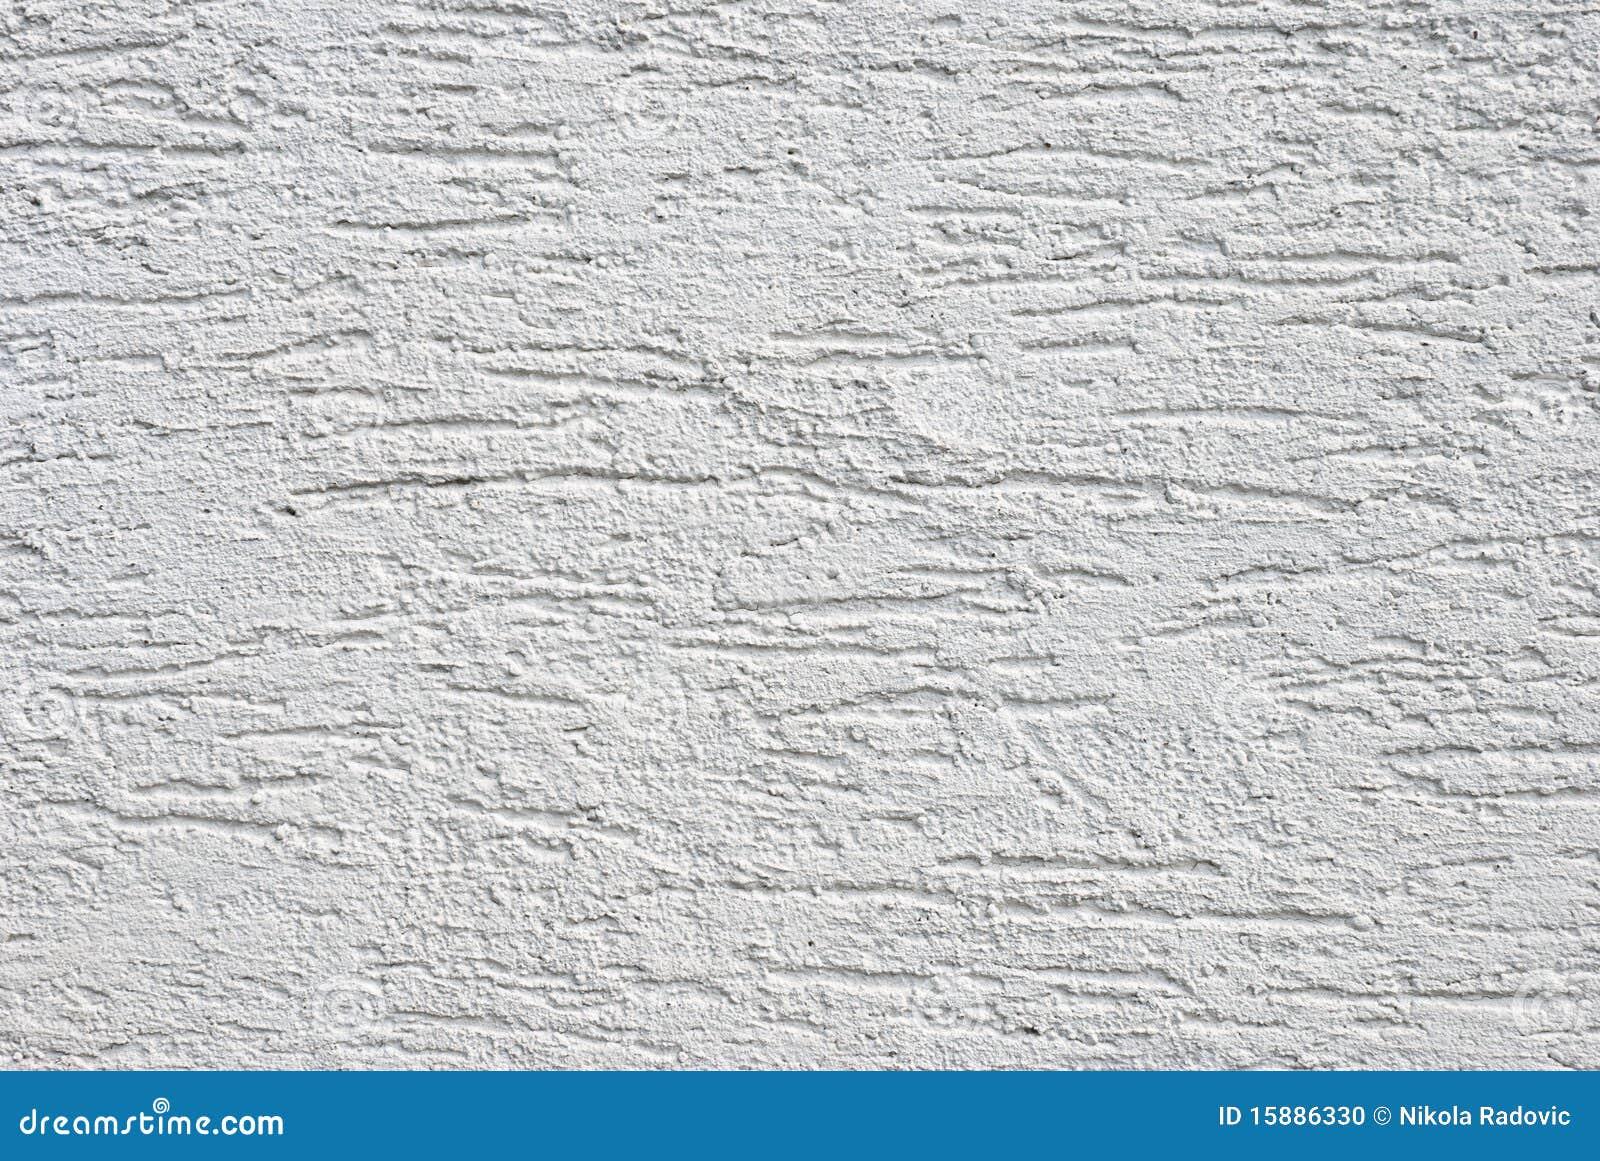 Textura branca da parede foto de stock imagem de stucco 15886330 - Textura pared ...